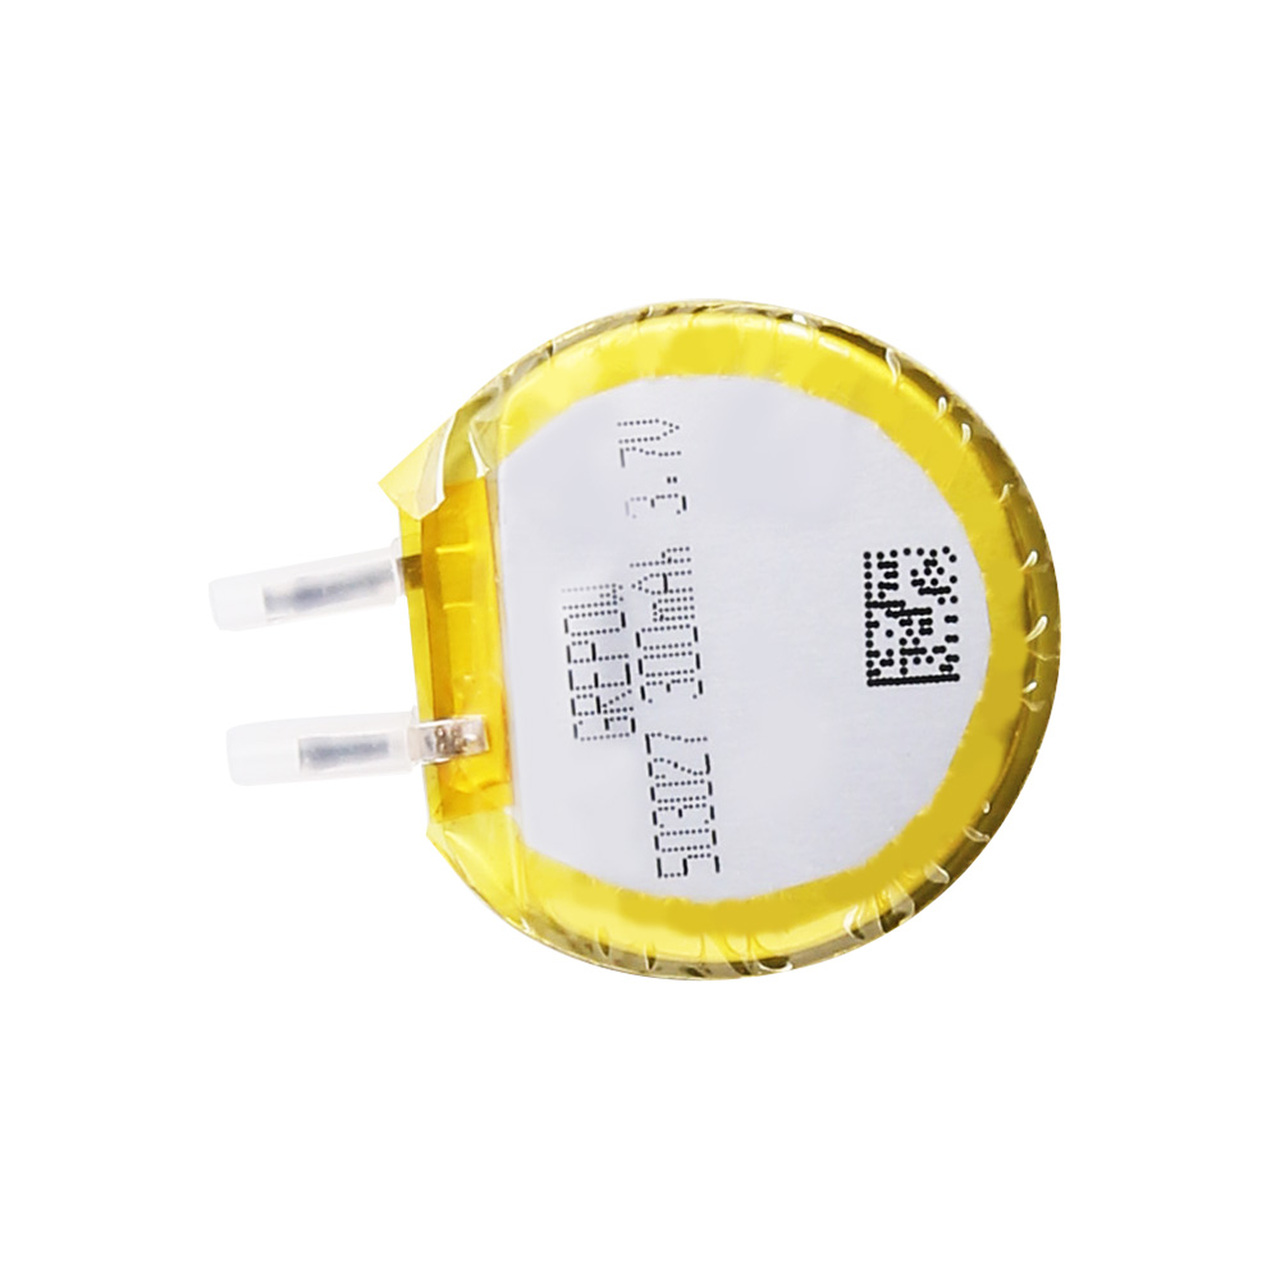 Grepow 3.7V 185mAh LiPo Round Shaped Battery 5030027